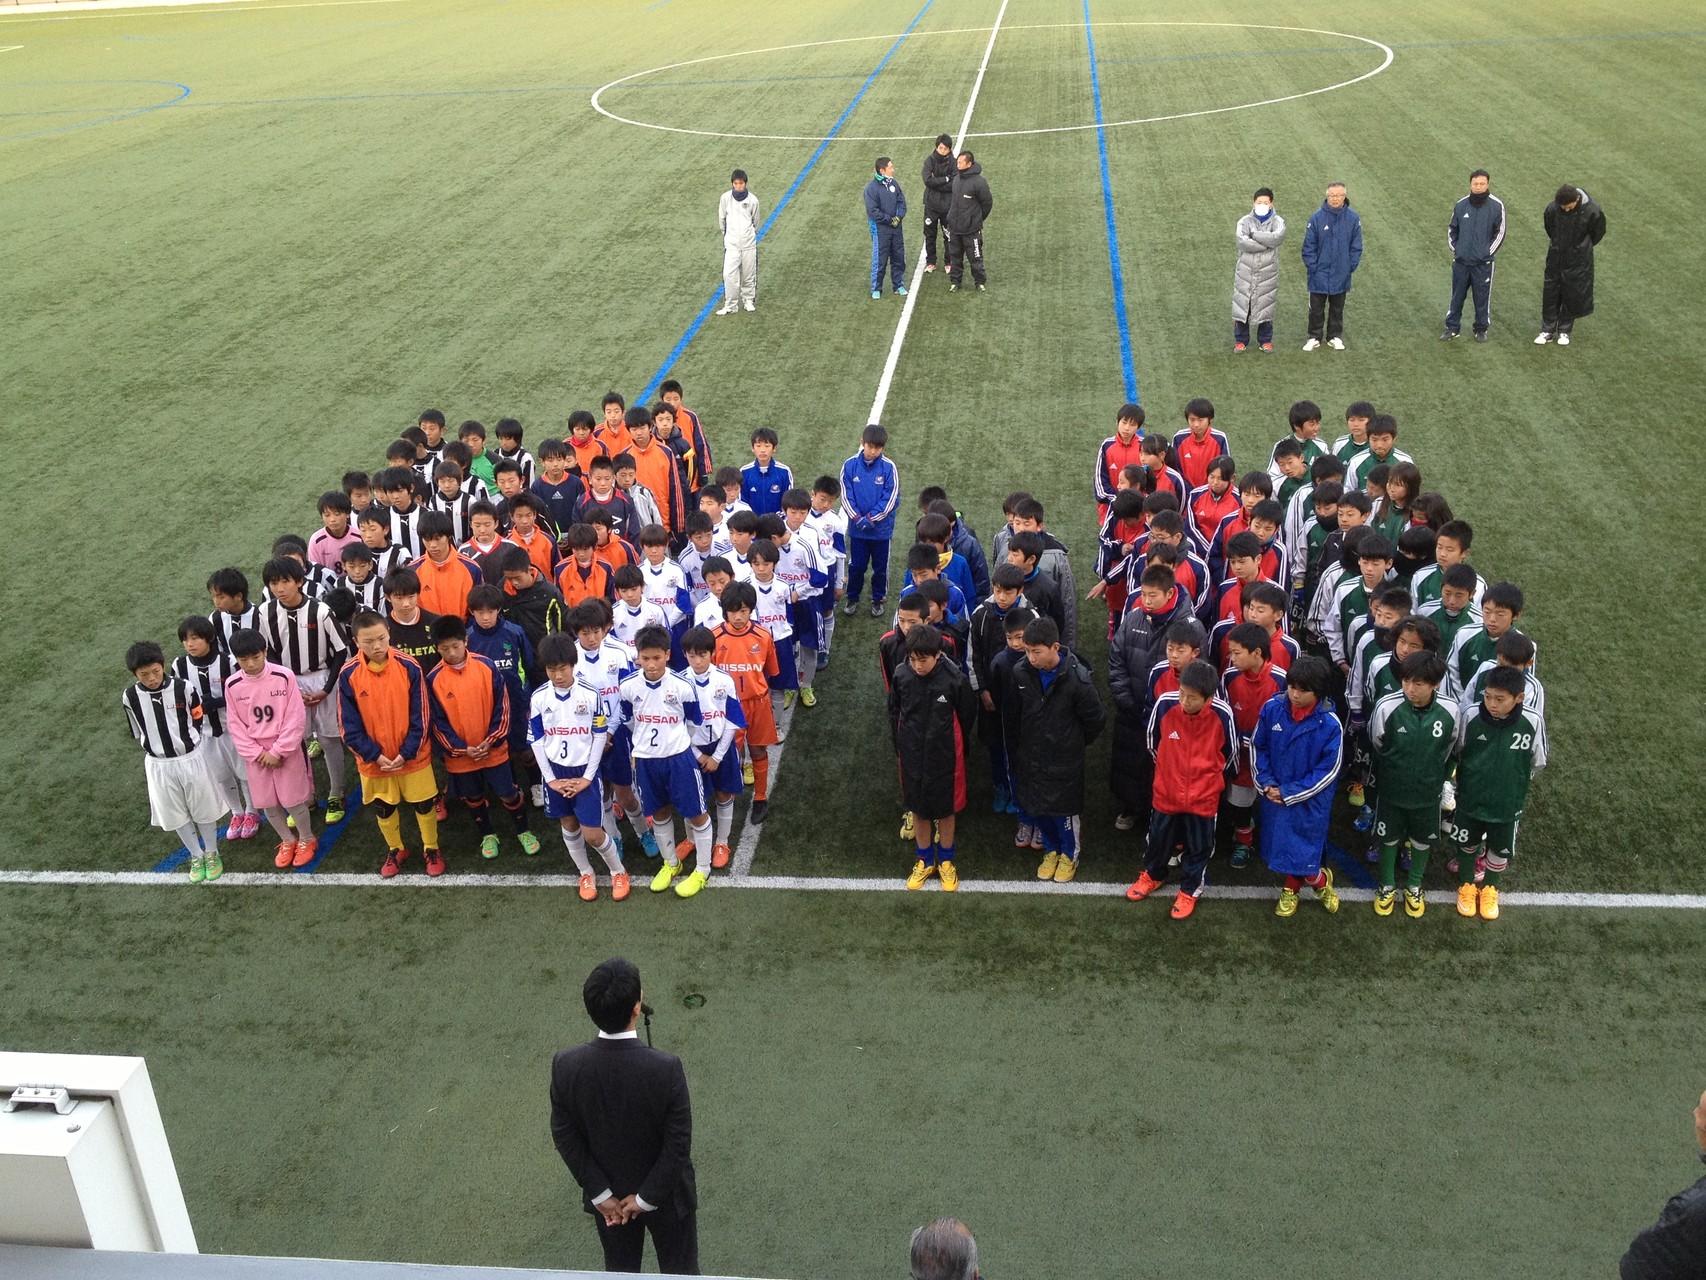 横須賀カップ U-12(6年生) 閉会式